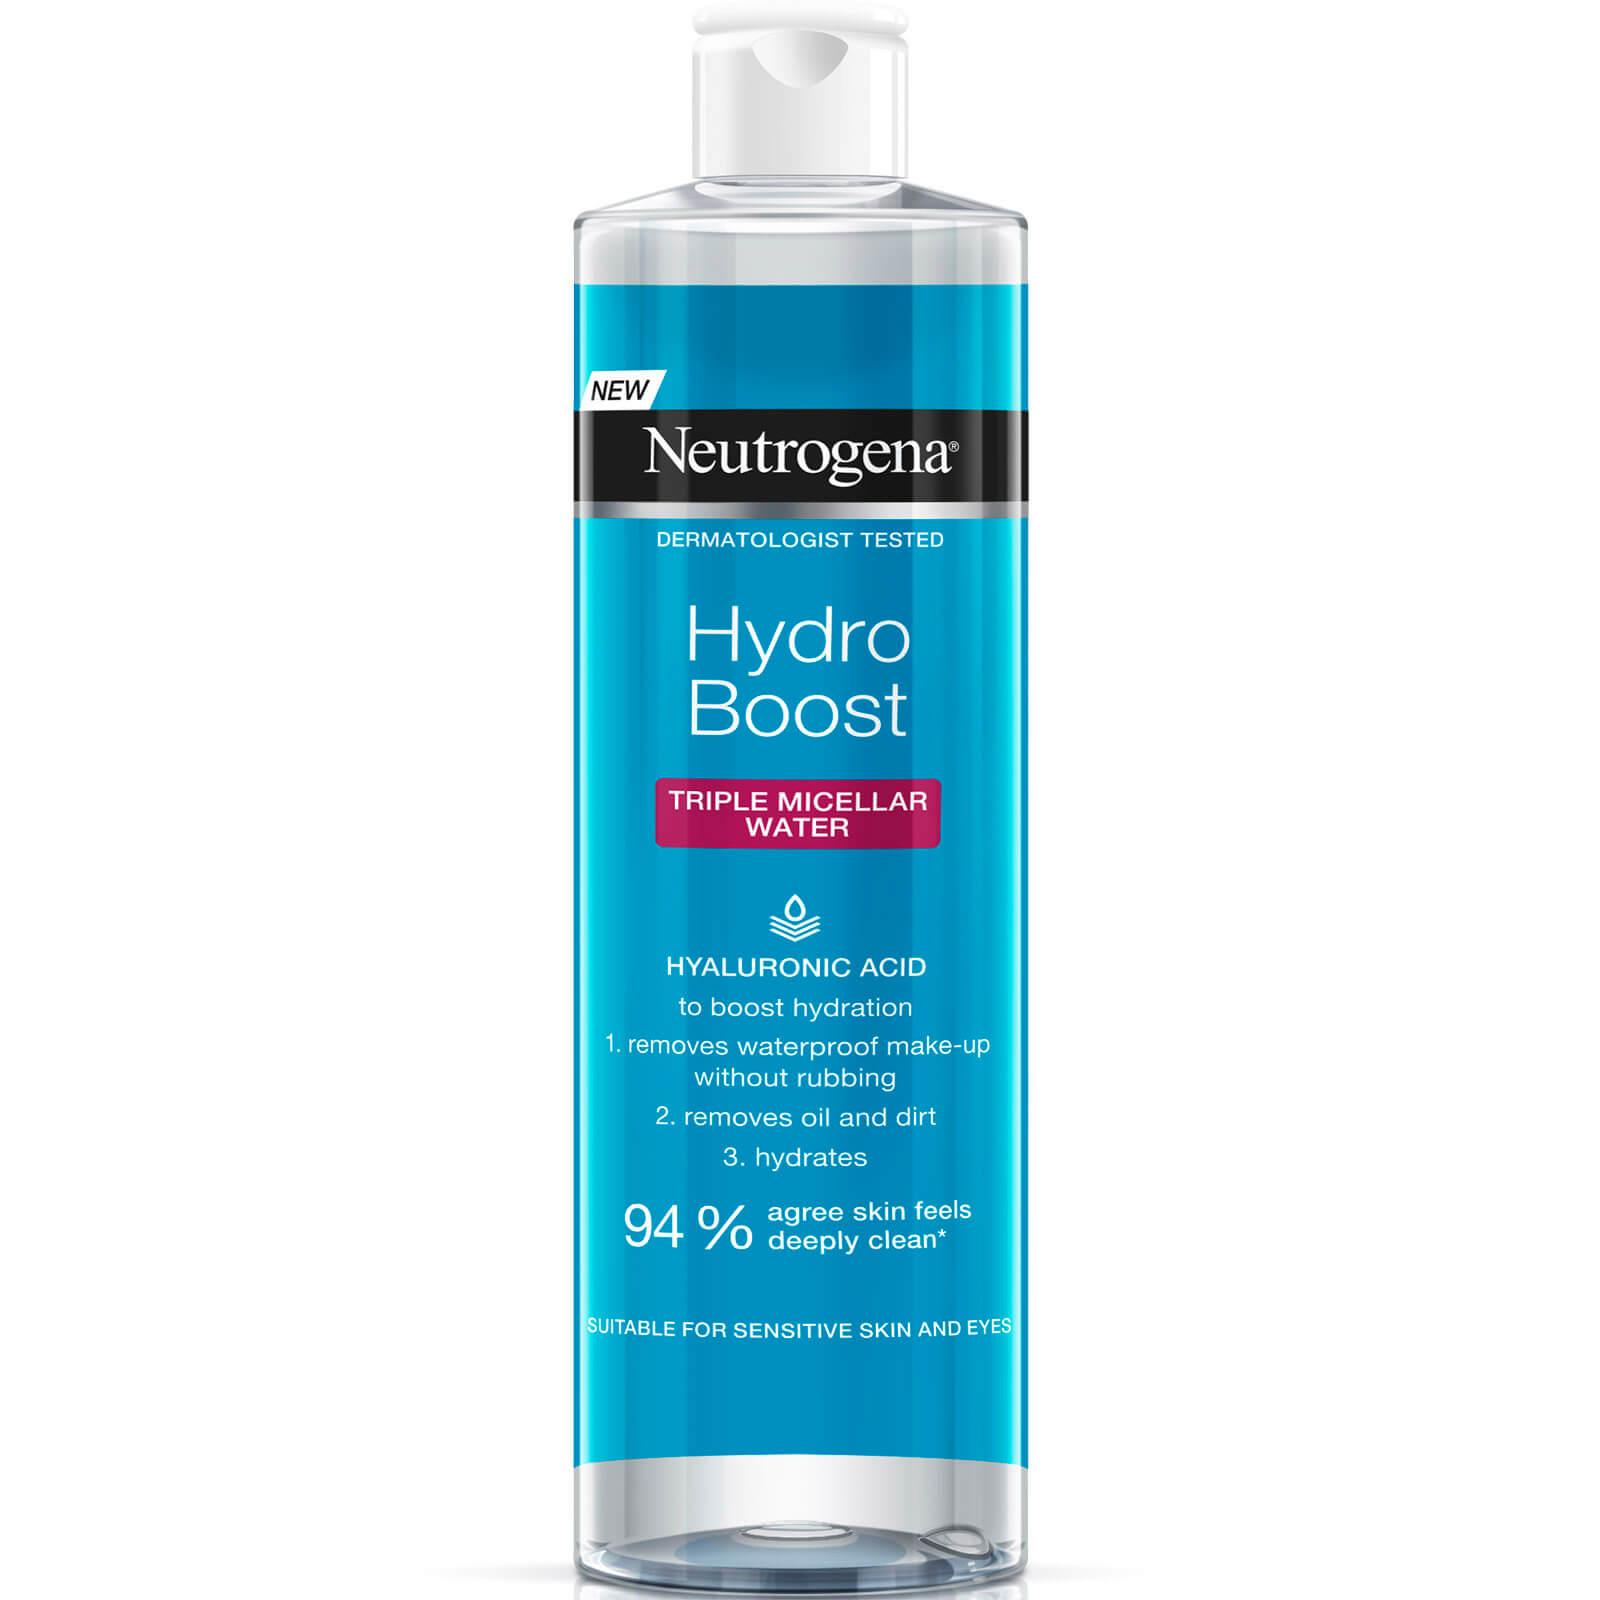 %ce%ba%ce%b5%cf%81%ce%b4%ce%af%cf%83%cf%84%ce%b5-%ce%ad%ce%bd%ce%b1-neutrogena-hydro-boost-triple-micellar-water0